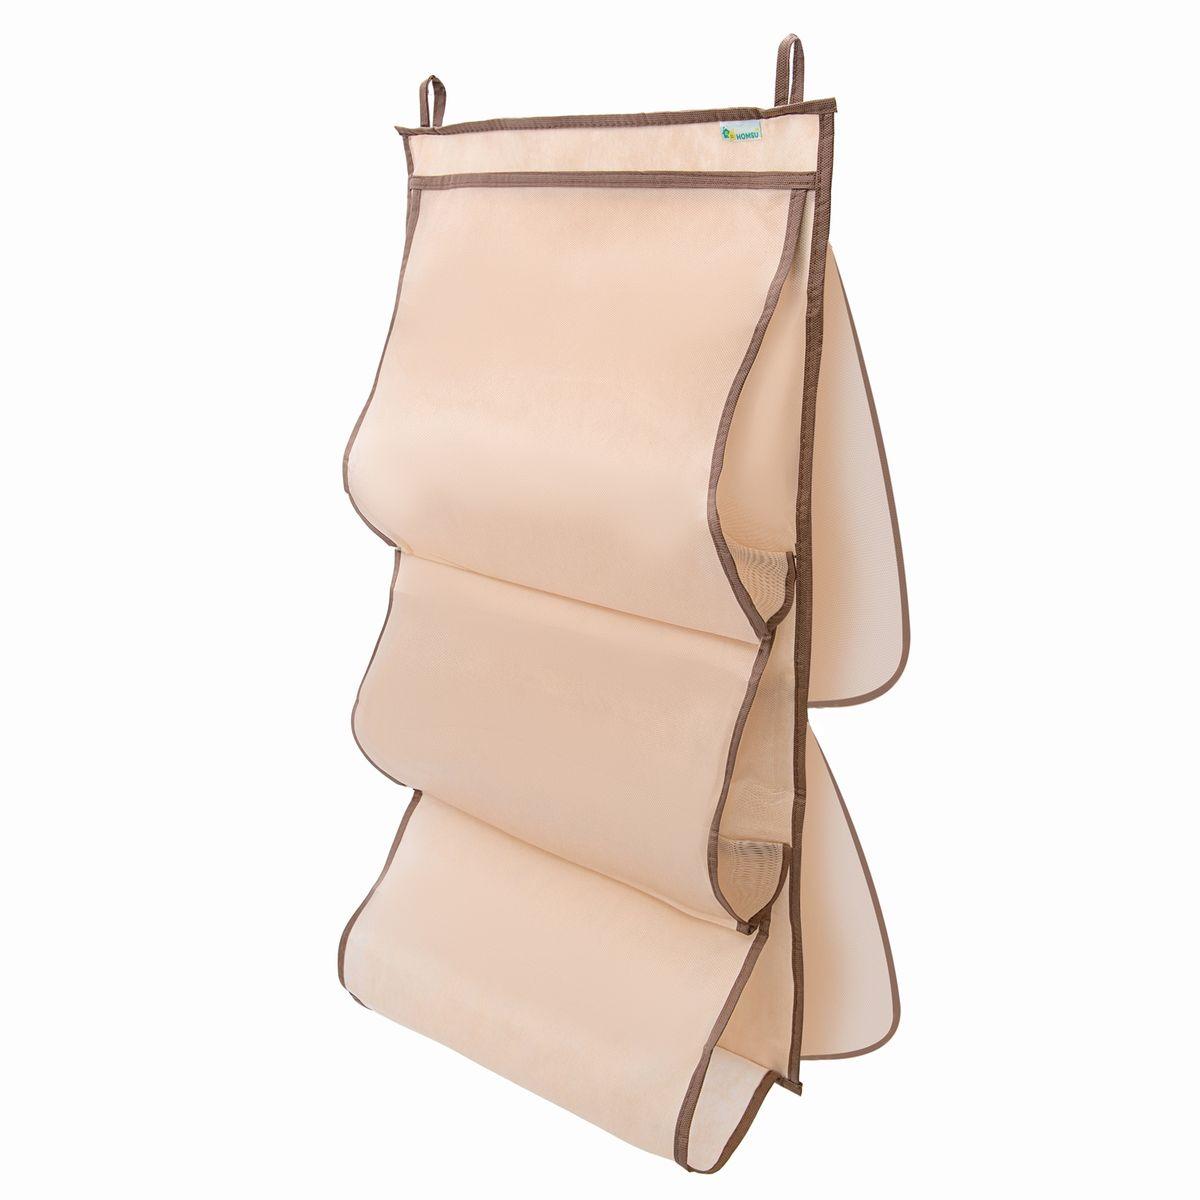 Органайзер для сумок в шкаф Homsu, 40 x 70 см органайзер для хранения сумок eva черное золото подвесной 36 x 80 см